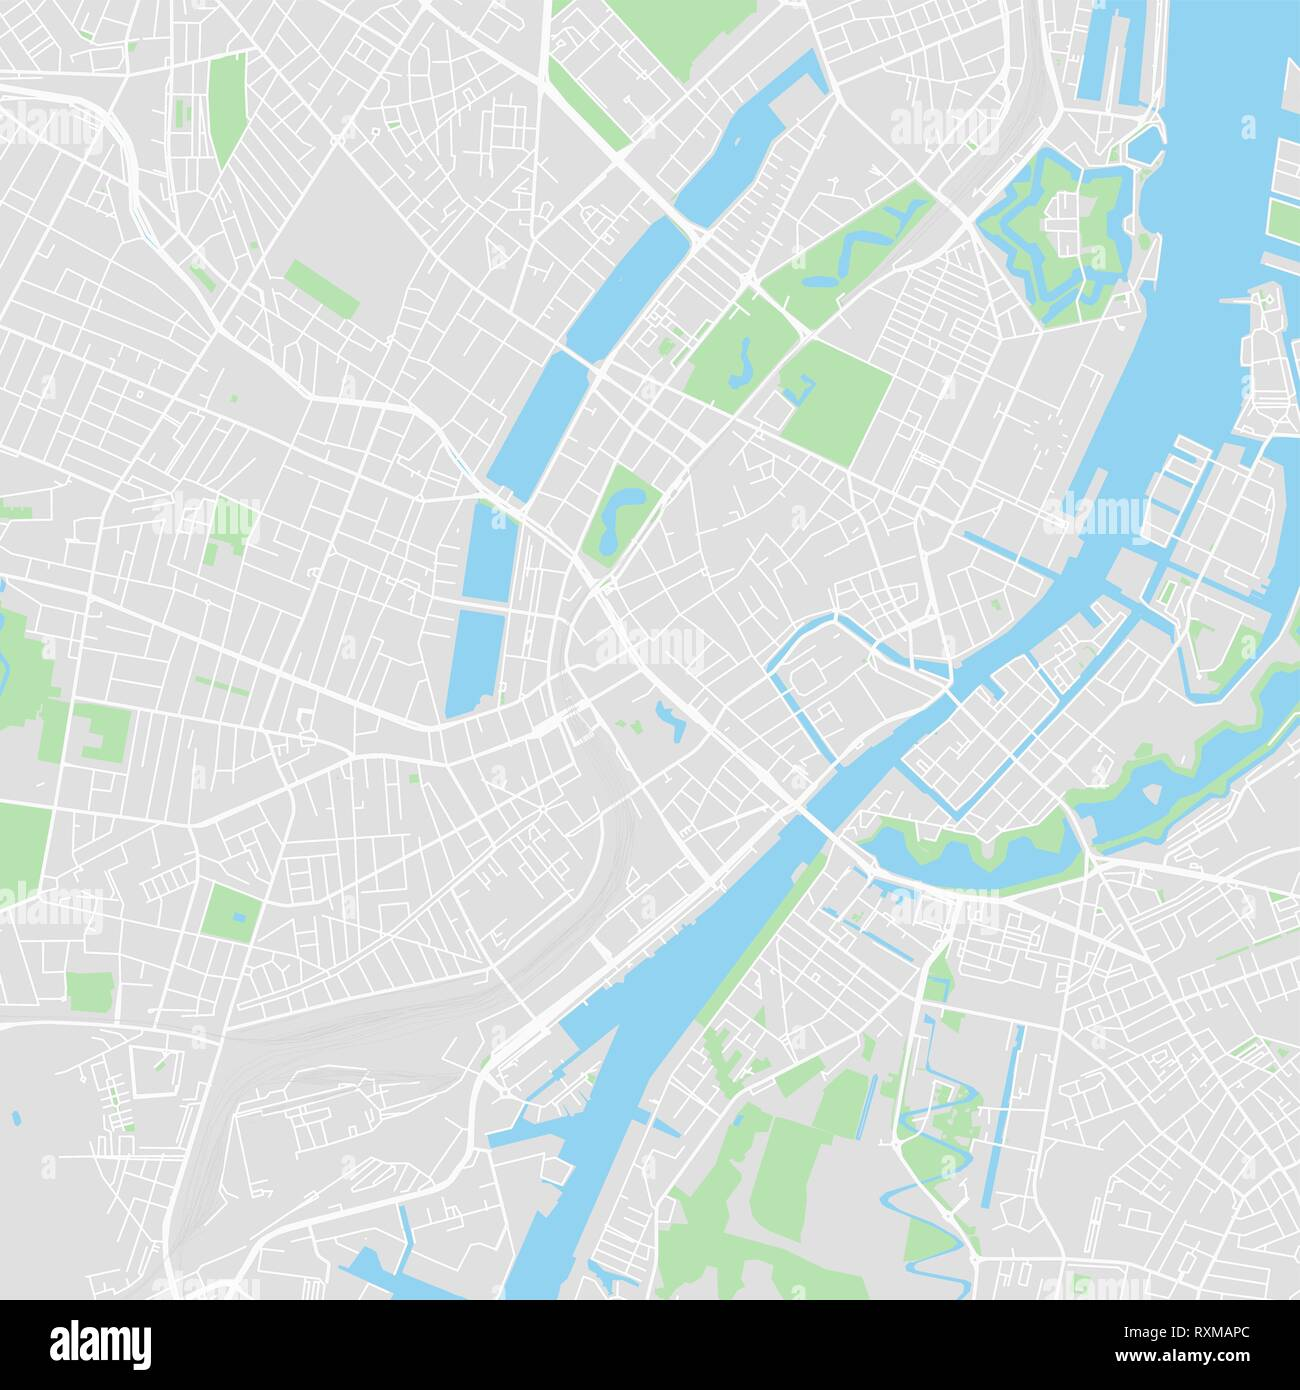 Mapa De Vectores En El Centro De Copenhagen Dinamarca Este Mapa